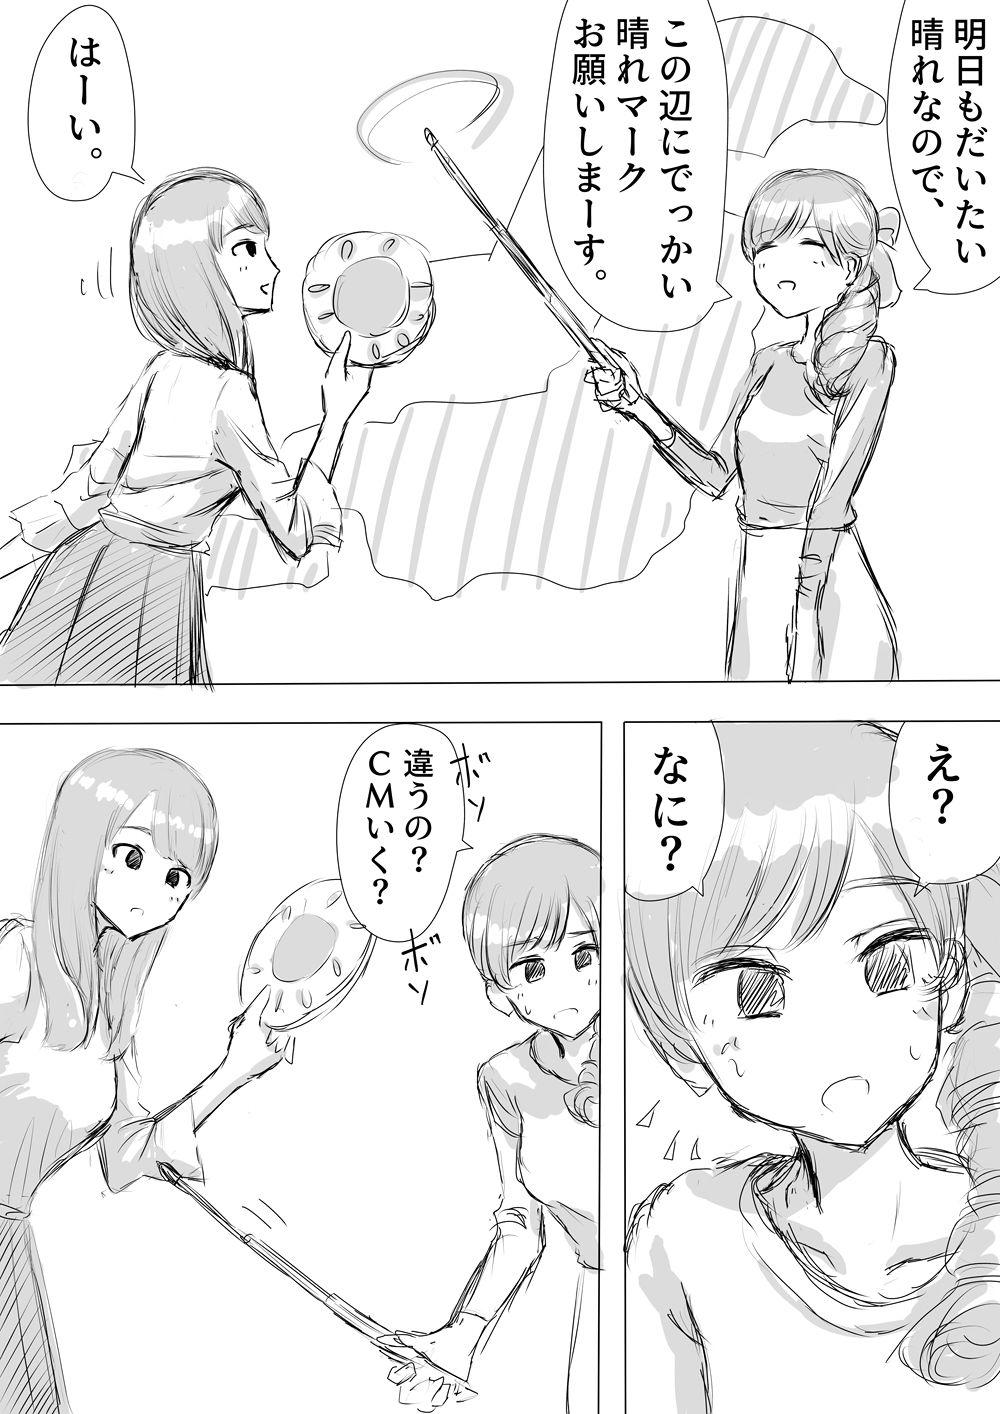 サンプル画像2:雑記(マンボー) [d_195943]